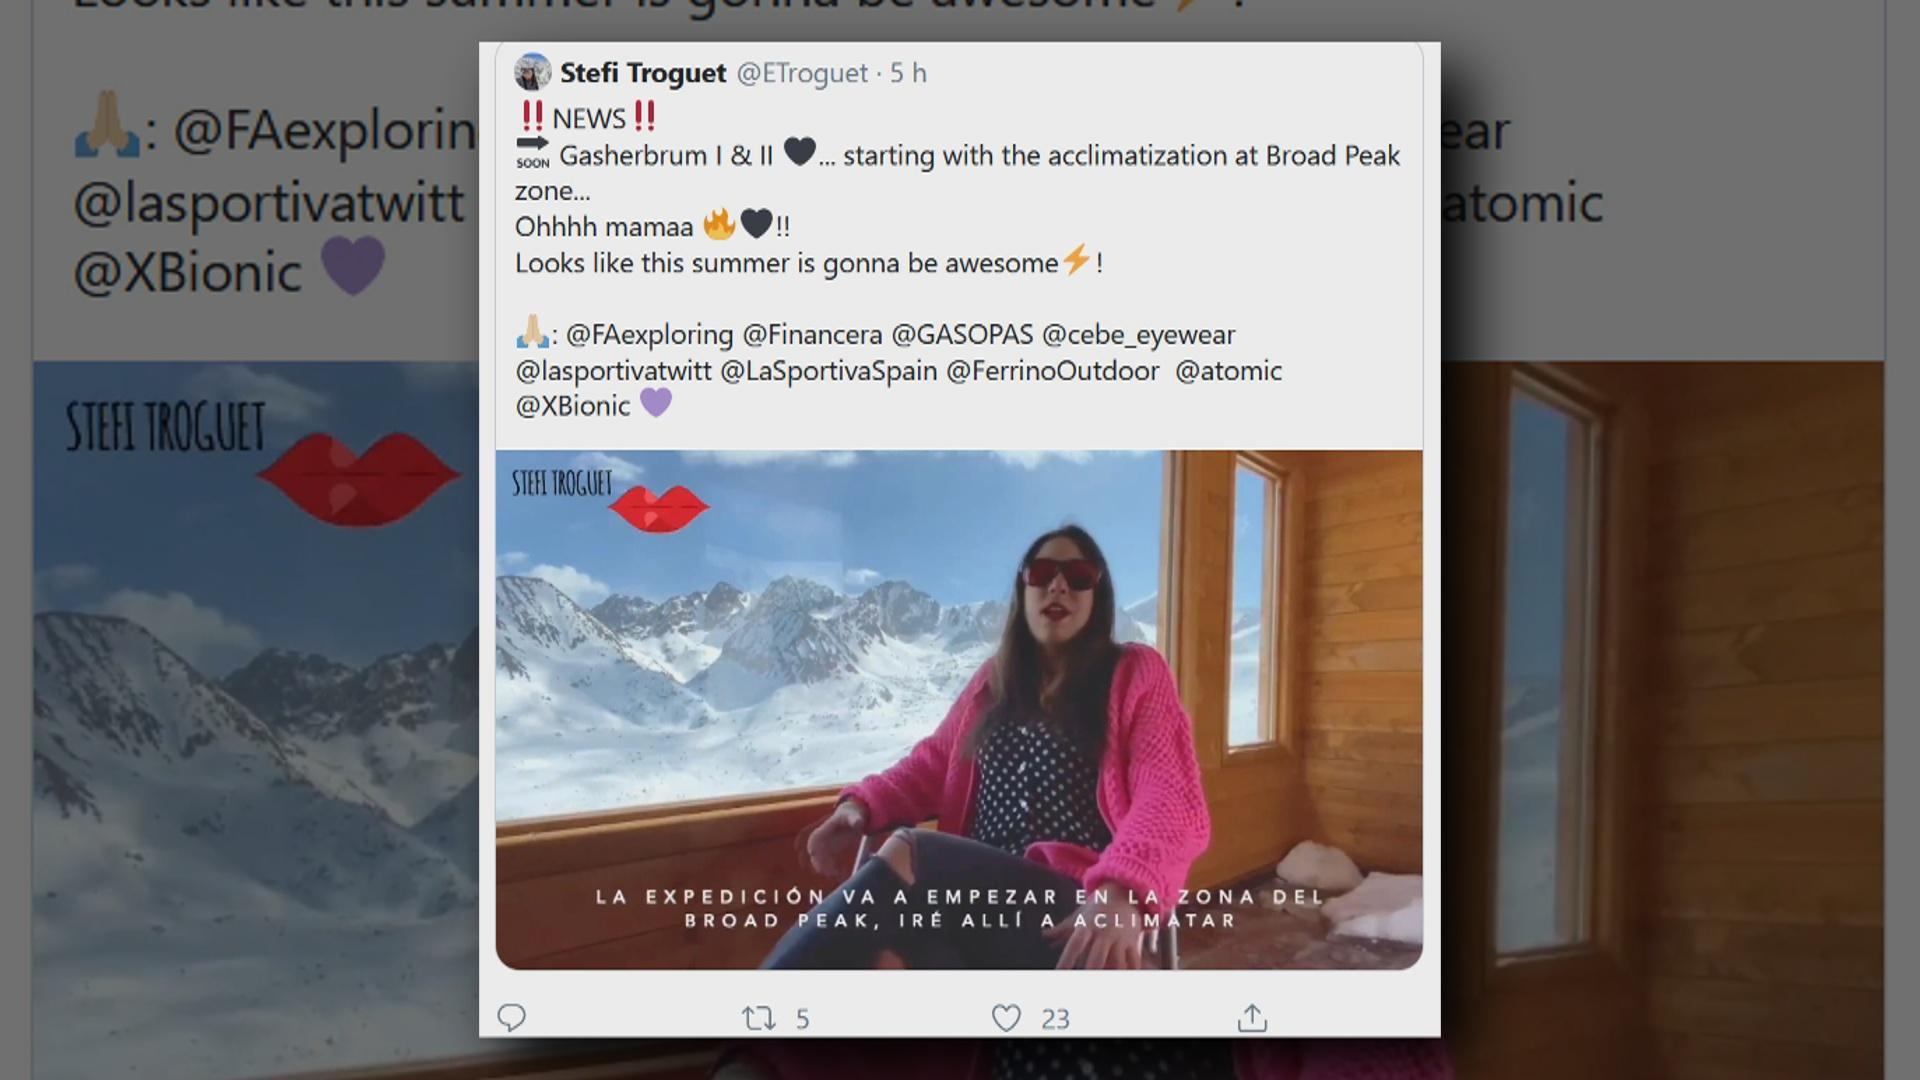 Troguet anuncia una expedició per coronar els cims del Gasherbrum I i II